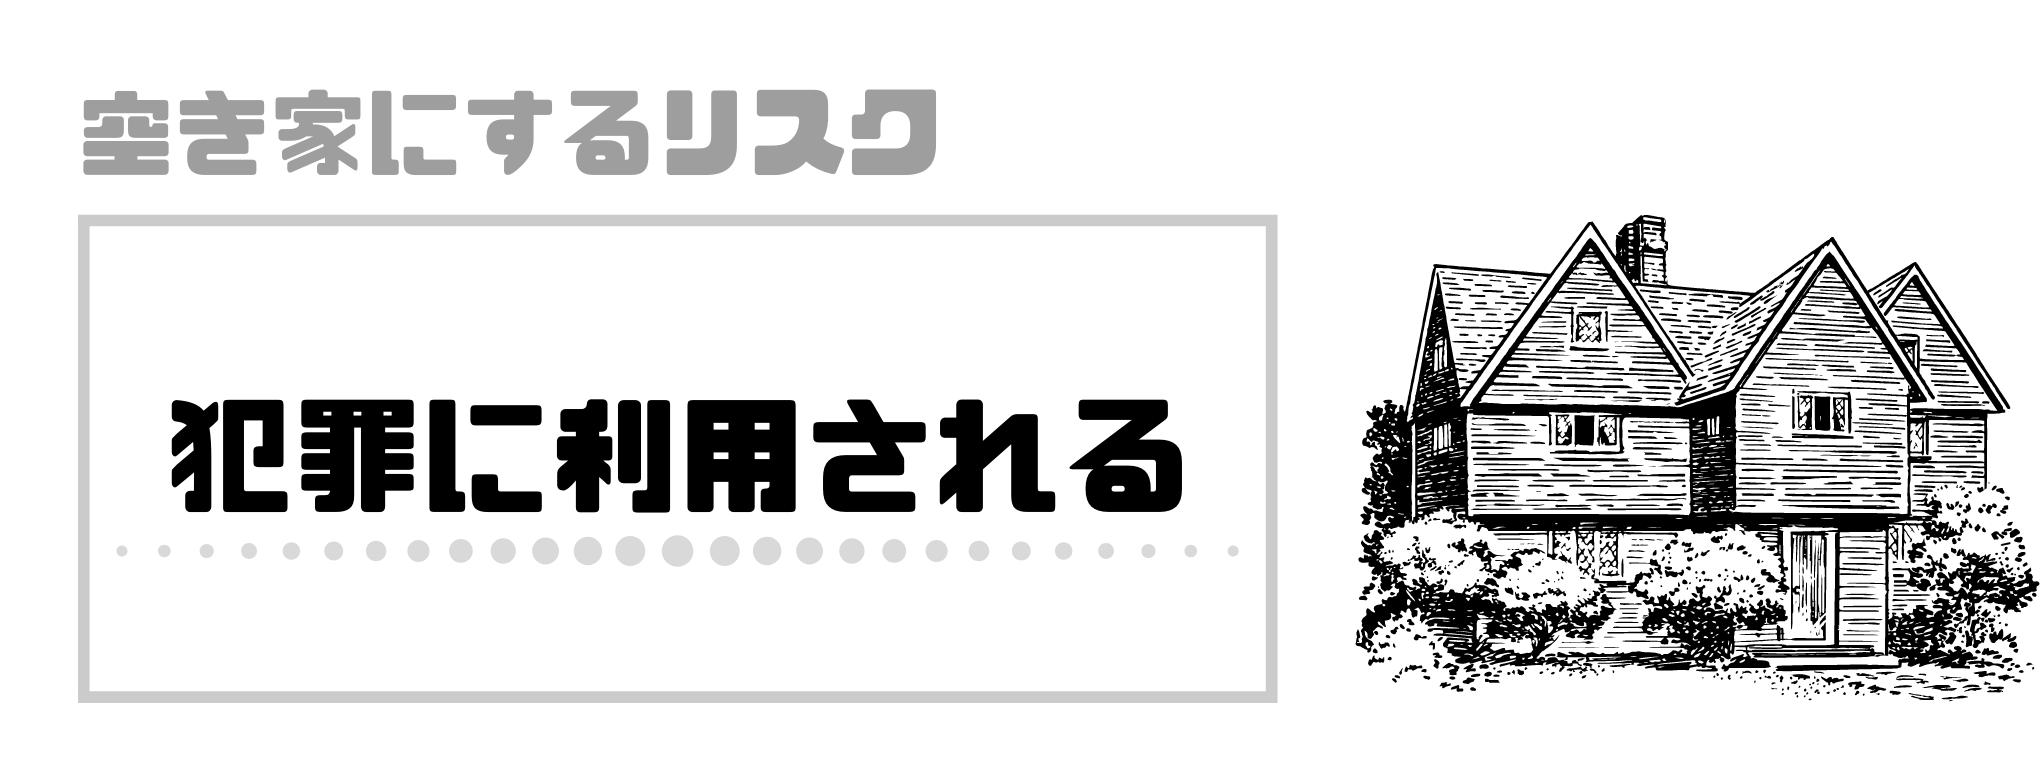 相続_土地_空き家_犯罪